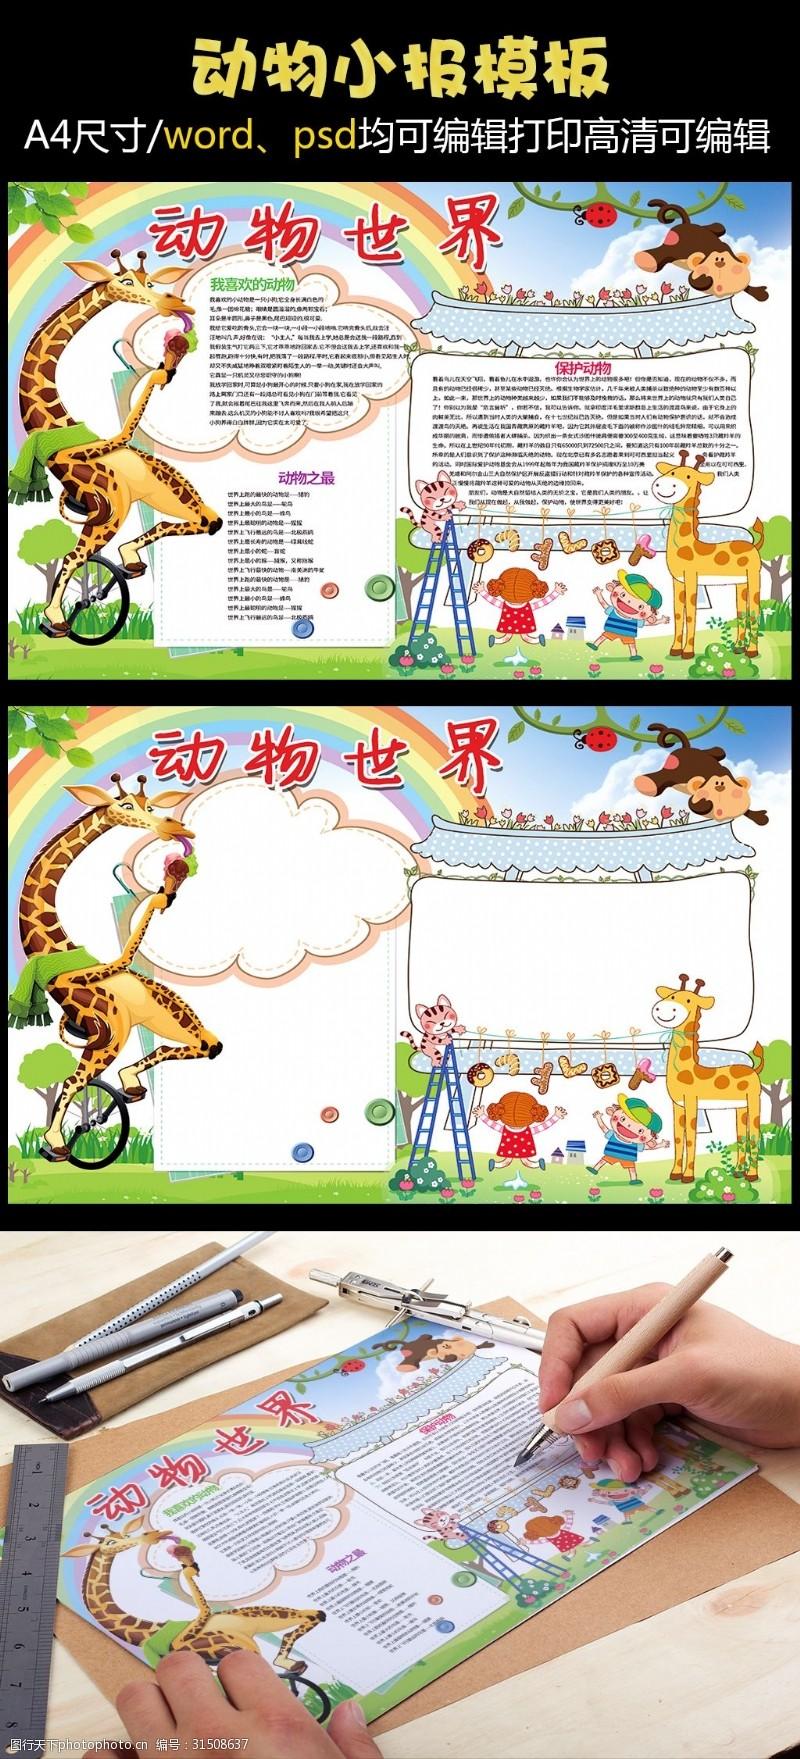 花边设计图动物小报动物世界保护动物小报模板